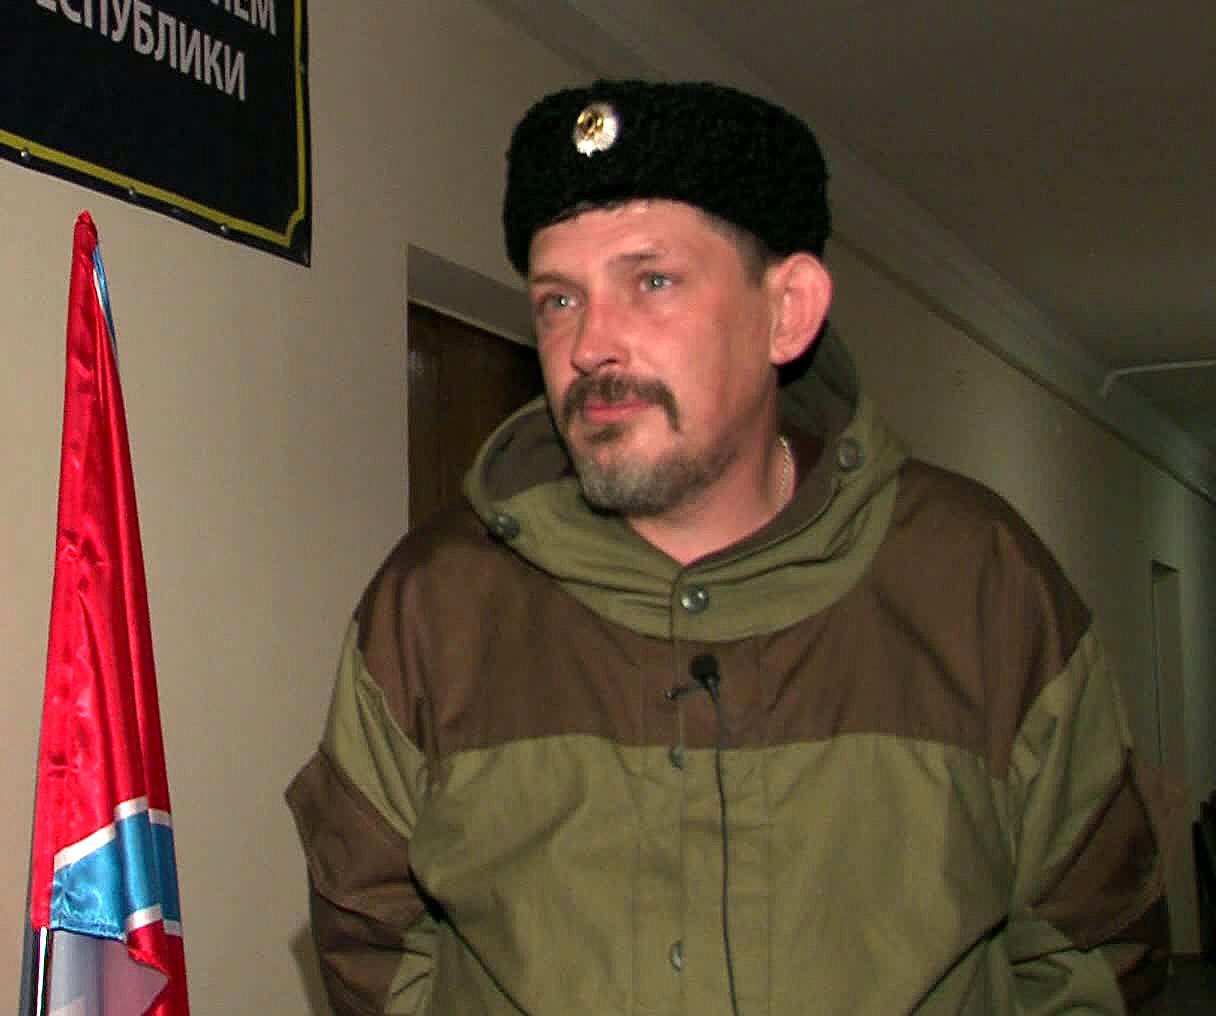 Меры противодействия Павлу Дремову предлагаются «исключительно силовые»